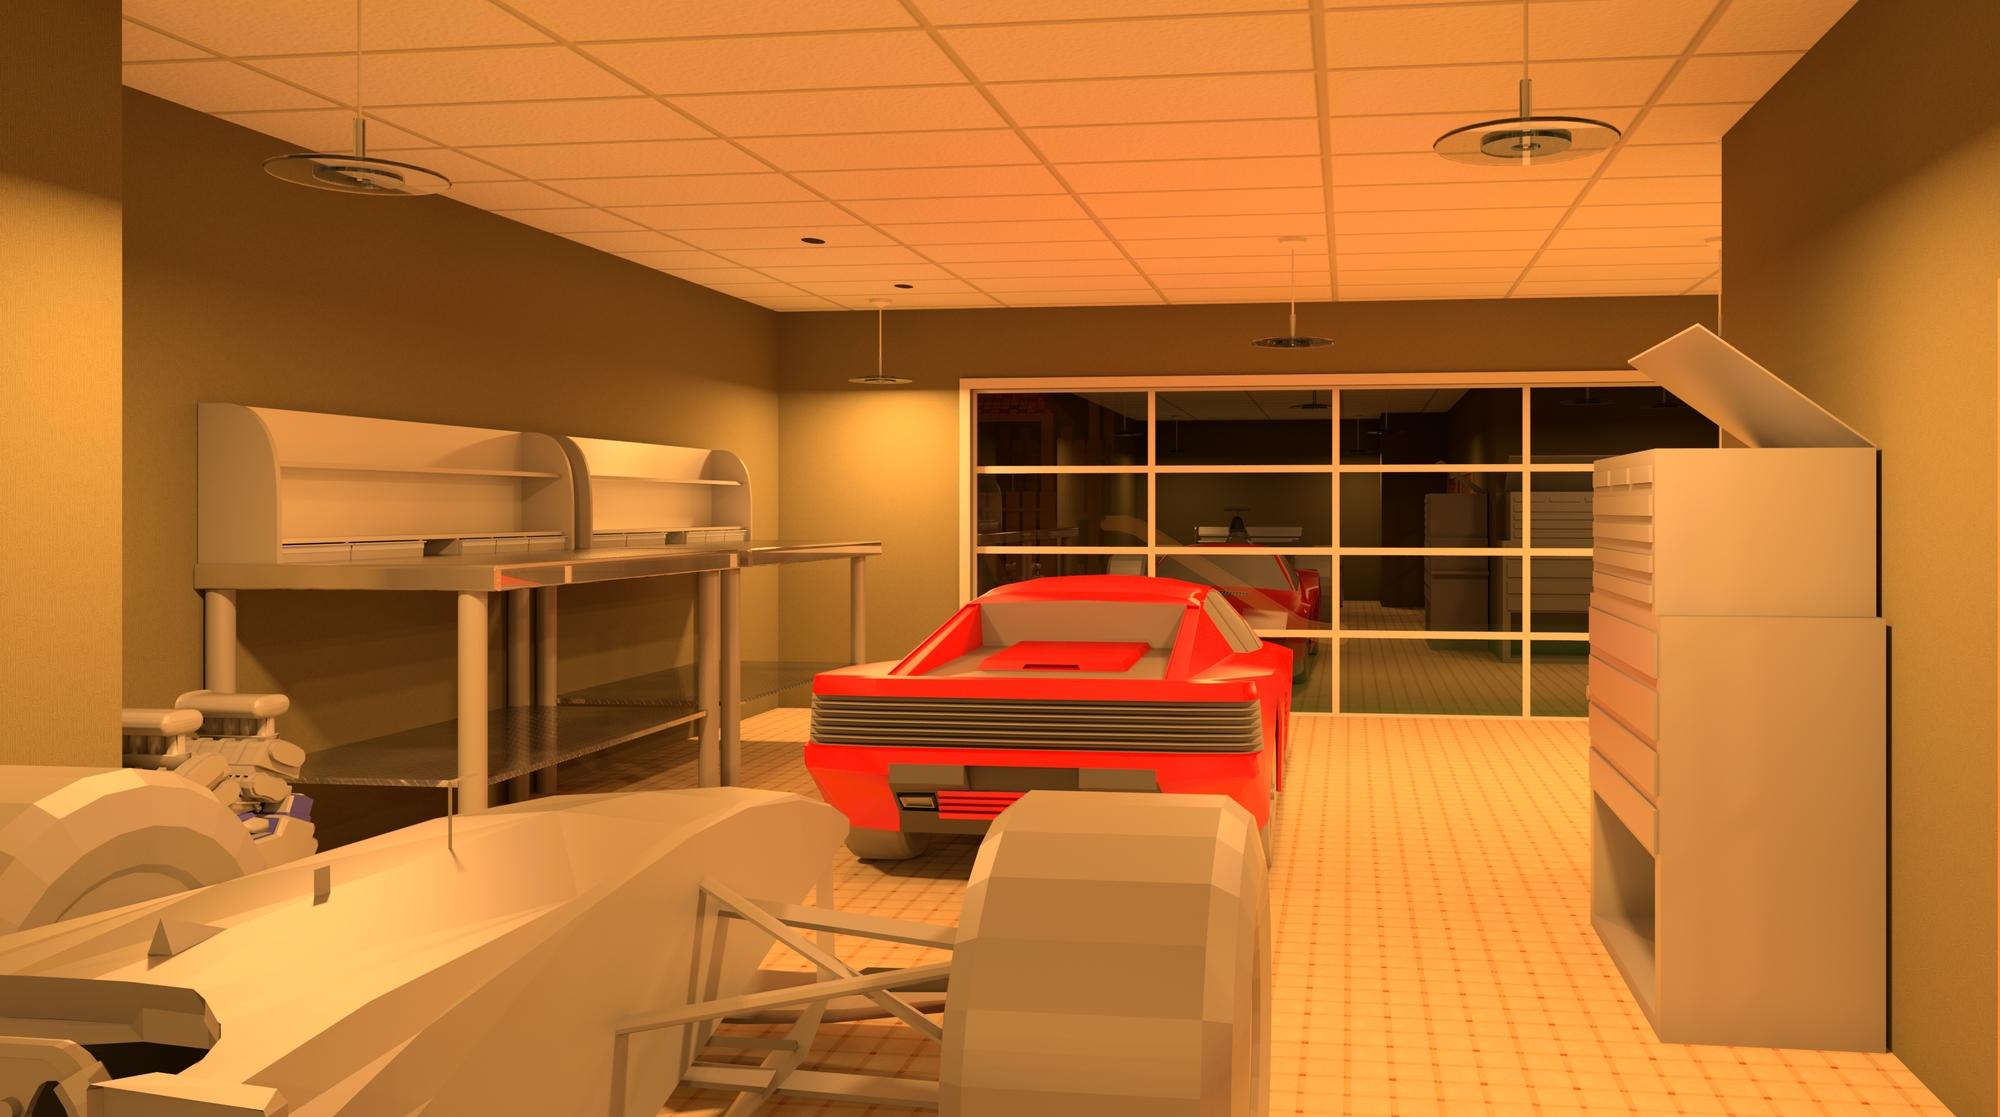 Raas-rendering20140930-5011-4cflwf